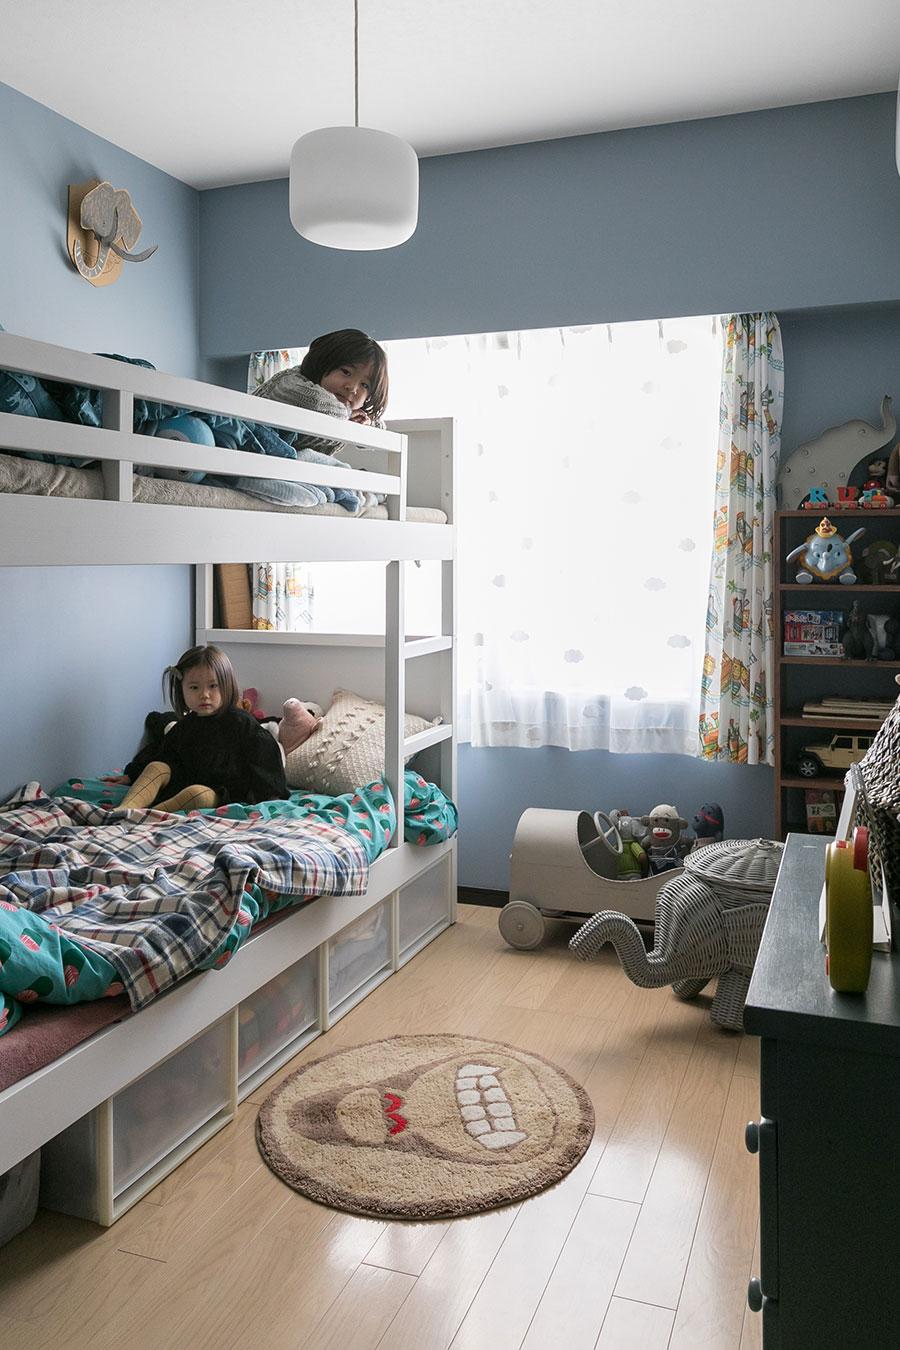 子ども部屋は、落ち着いたブルーの壁紙によって他の部屋と雰囲気を変えた。